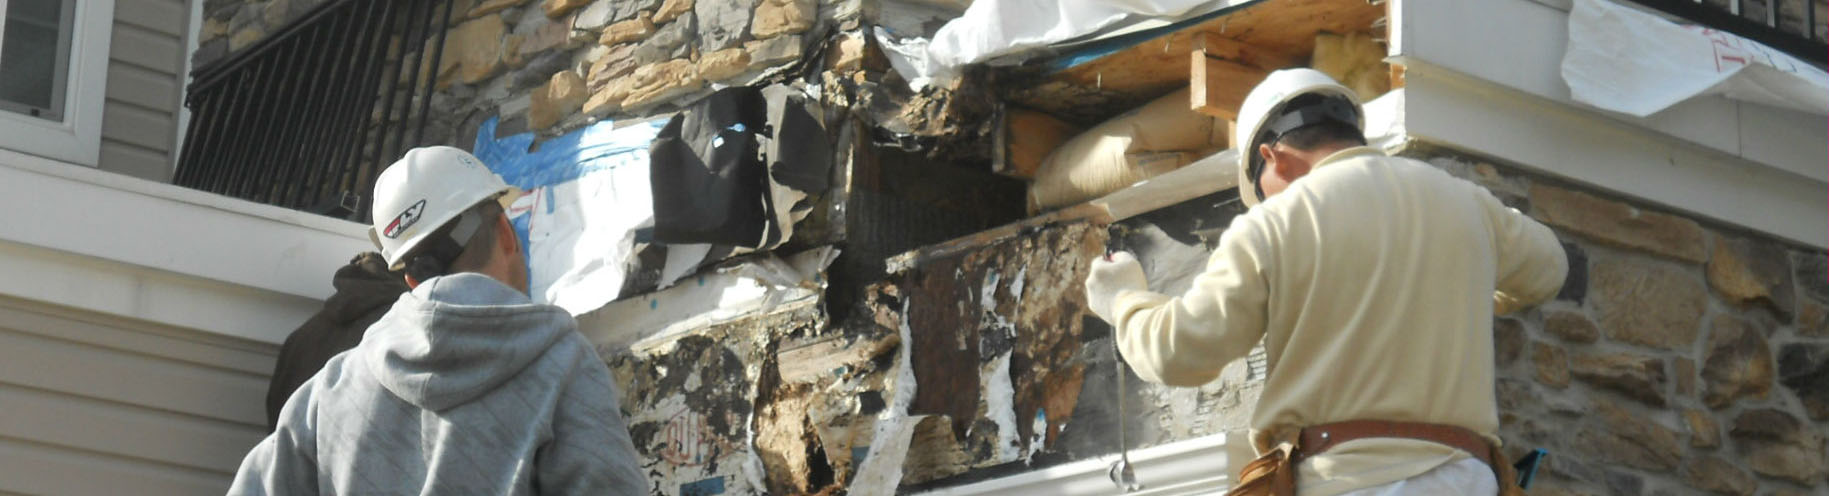 Platinum Exteriors Construction Defect Repair